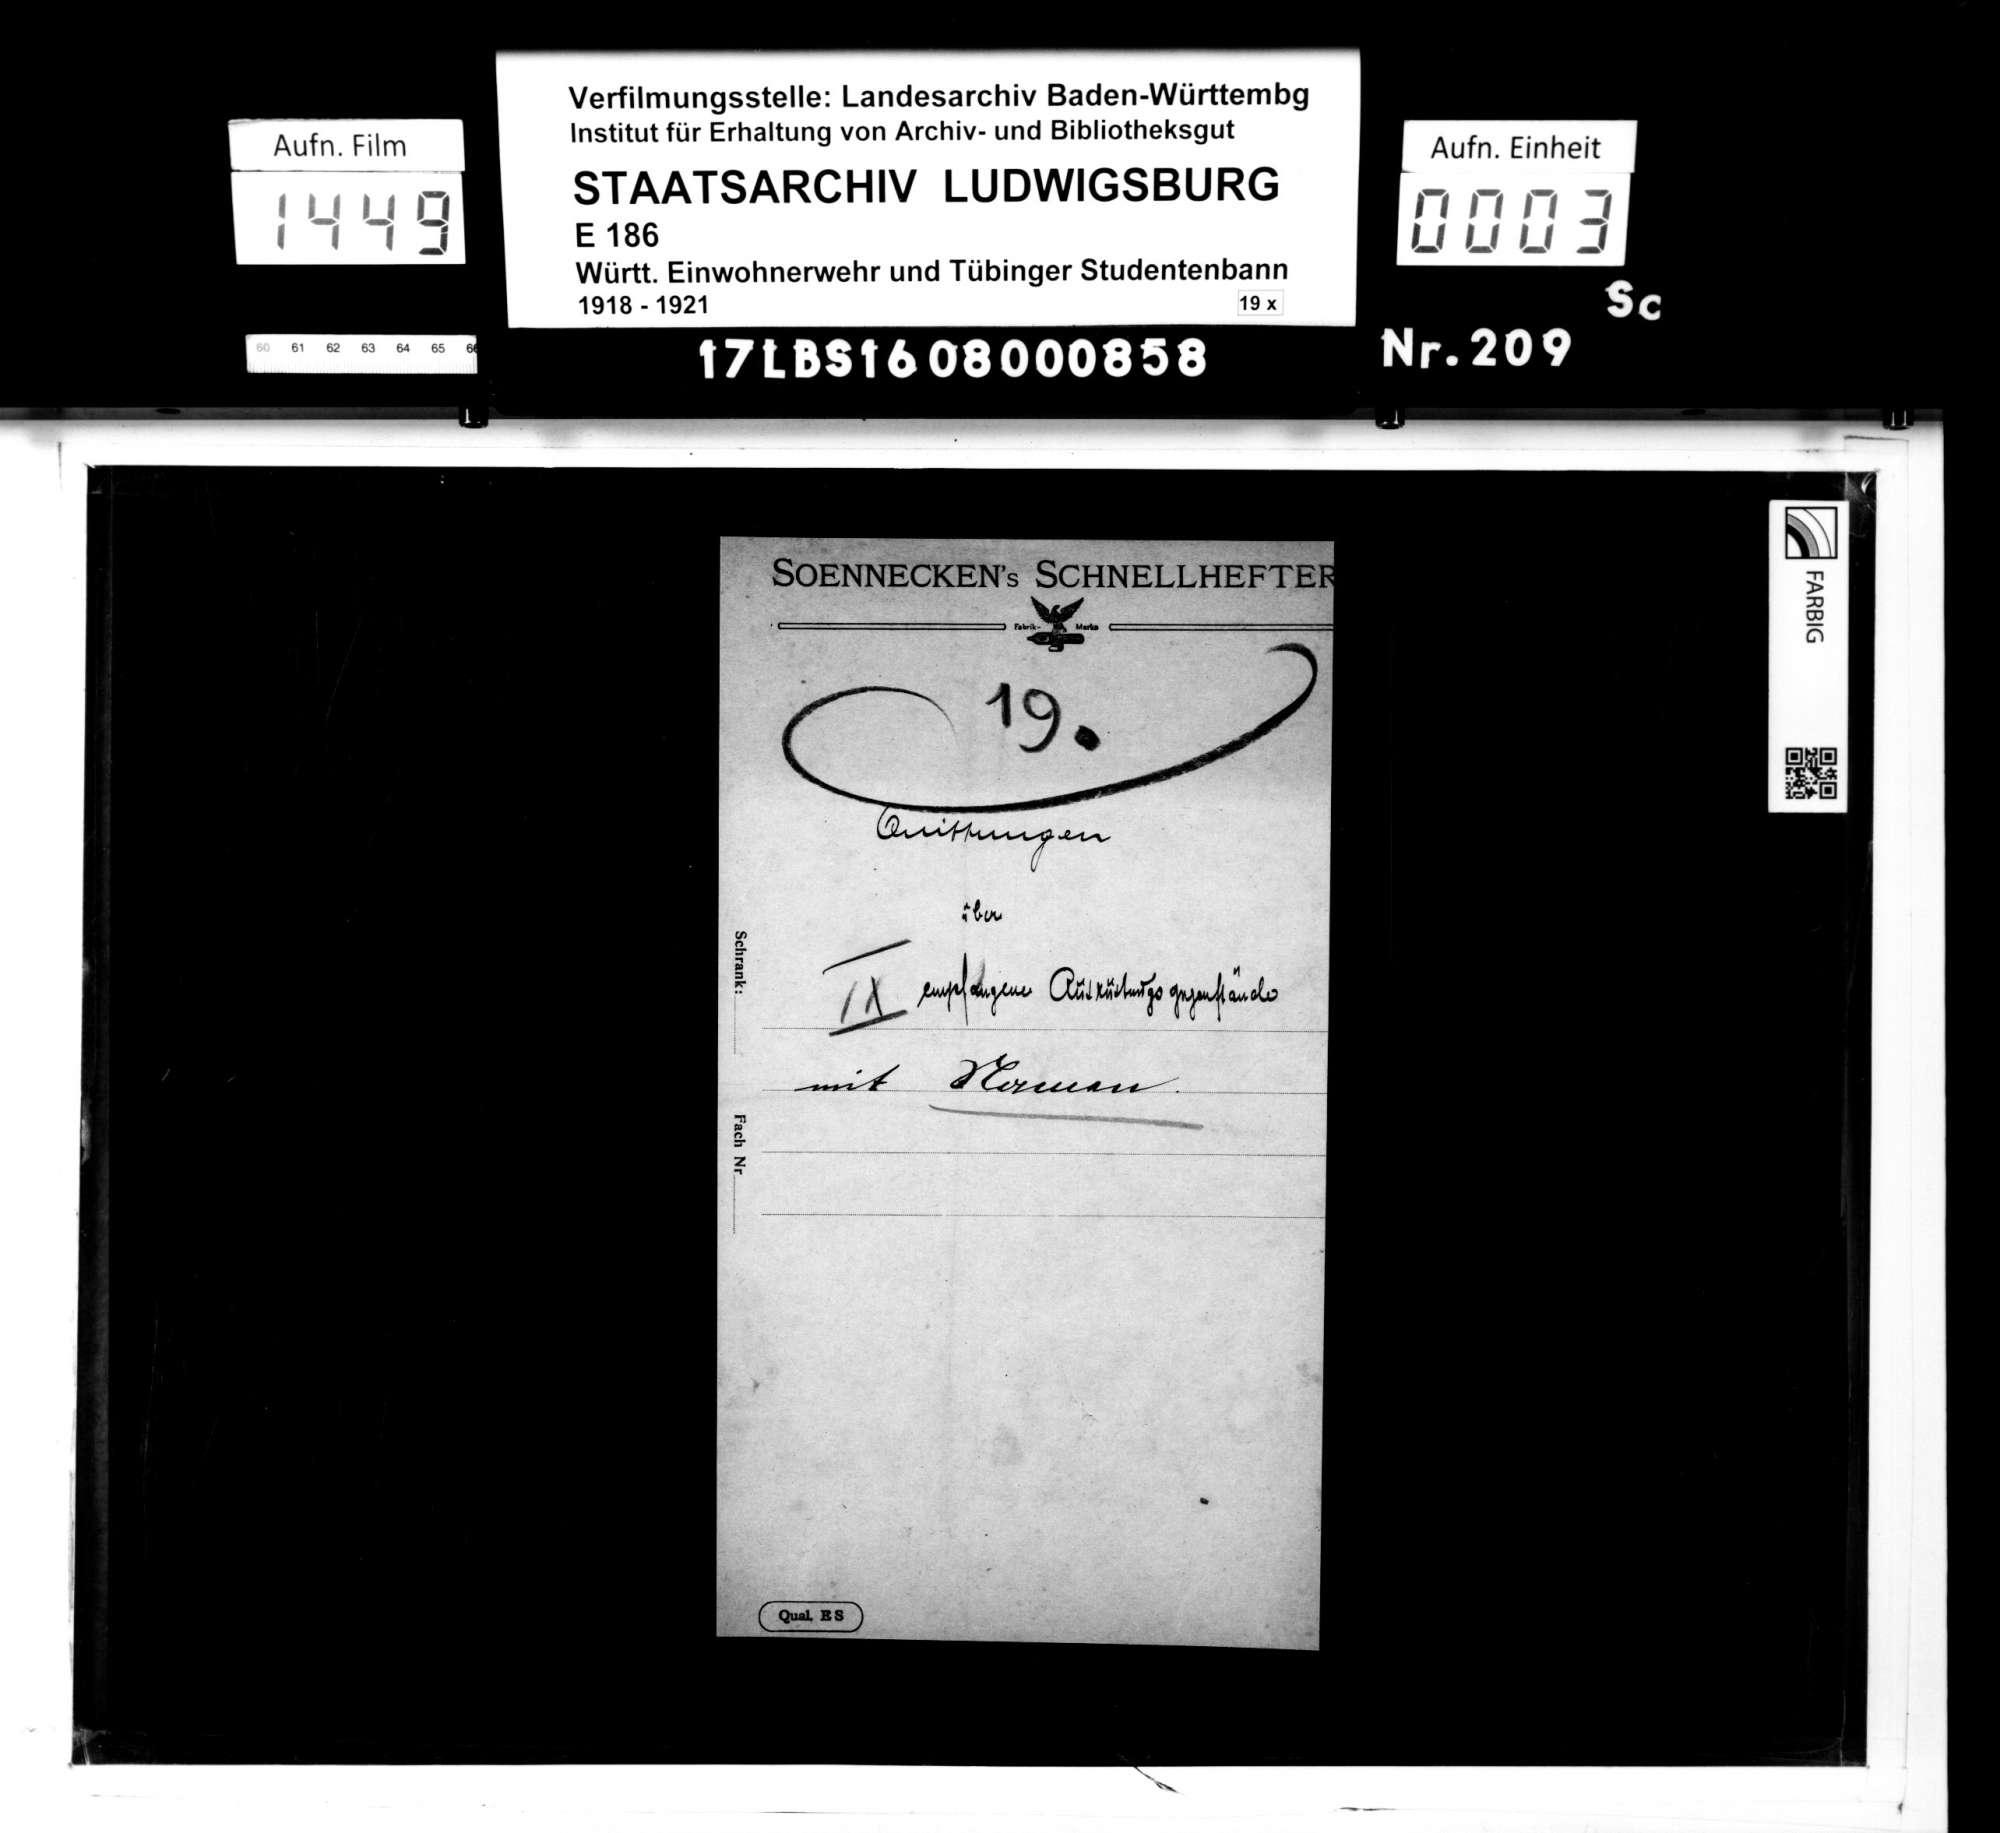 Bann 7/Schar 2 (Birkenwald): Namenslisten mit Materialausgabequittungen, Bild 1